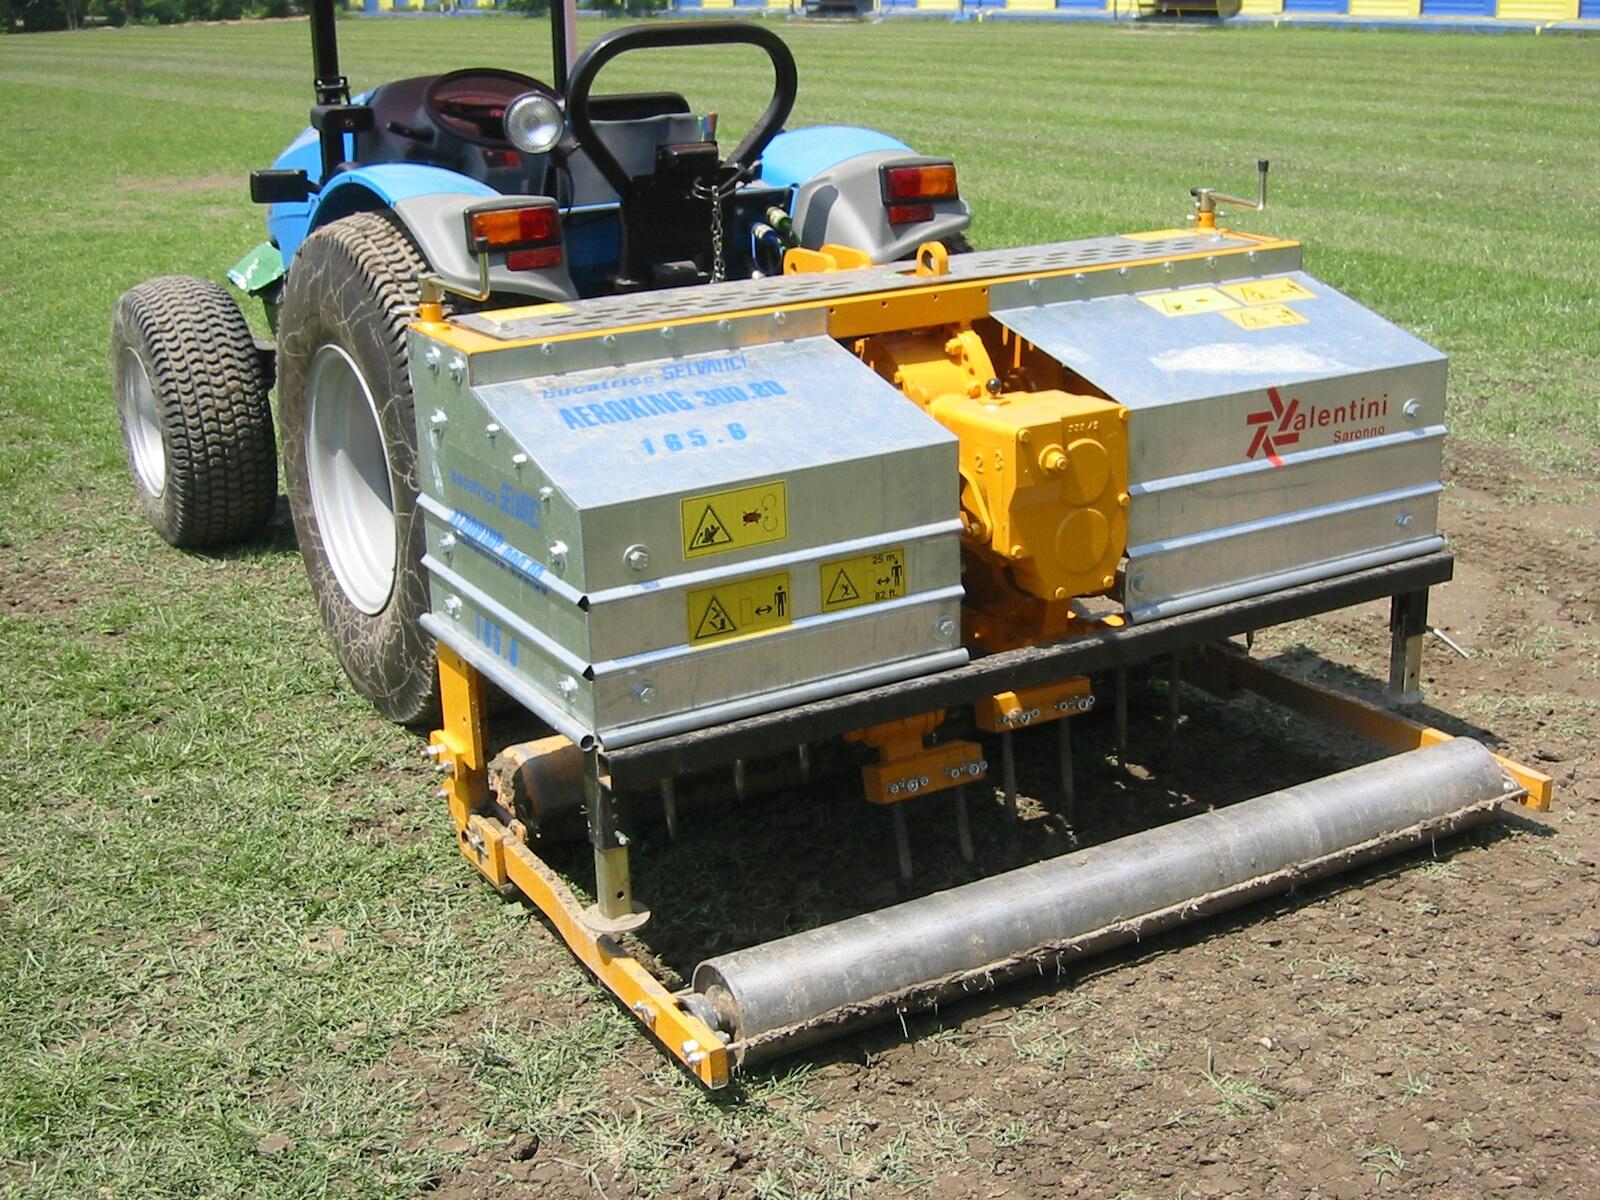 Manutenzione e rigenerazione campi da calcio e rugby for Utensili per prelevare campioni di terreno